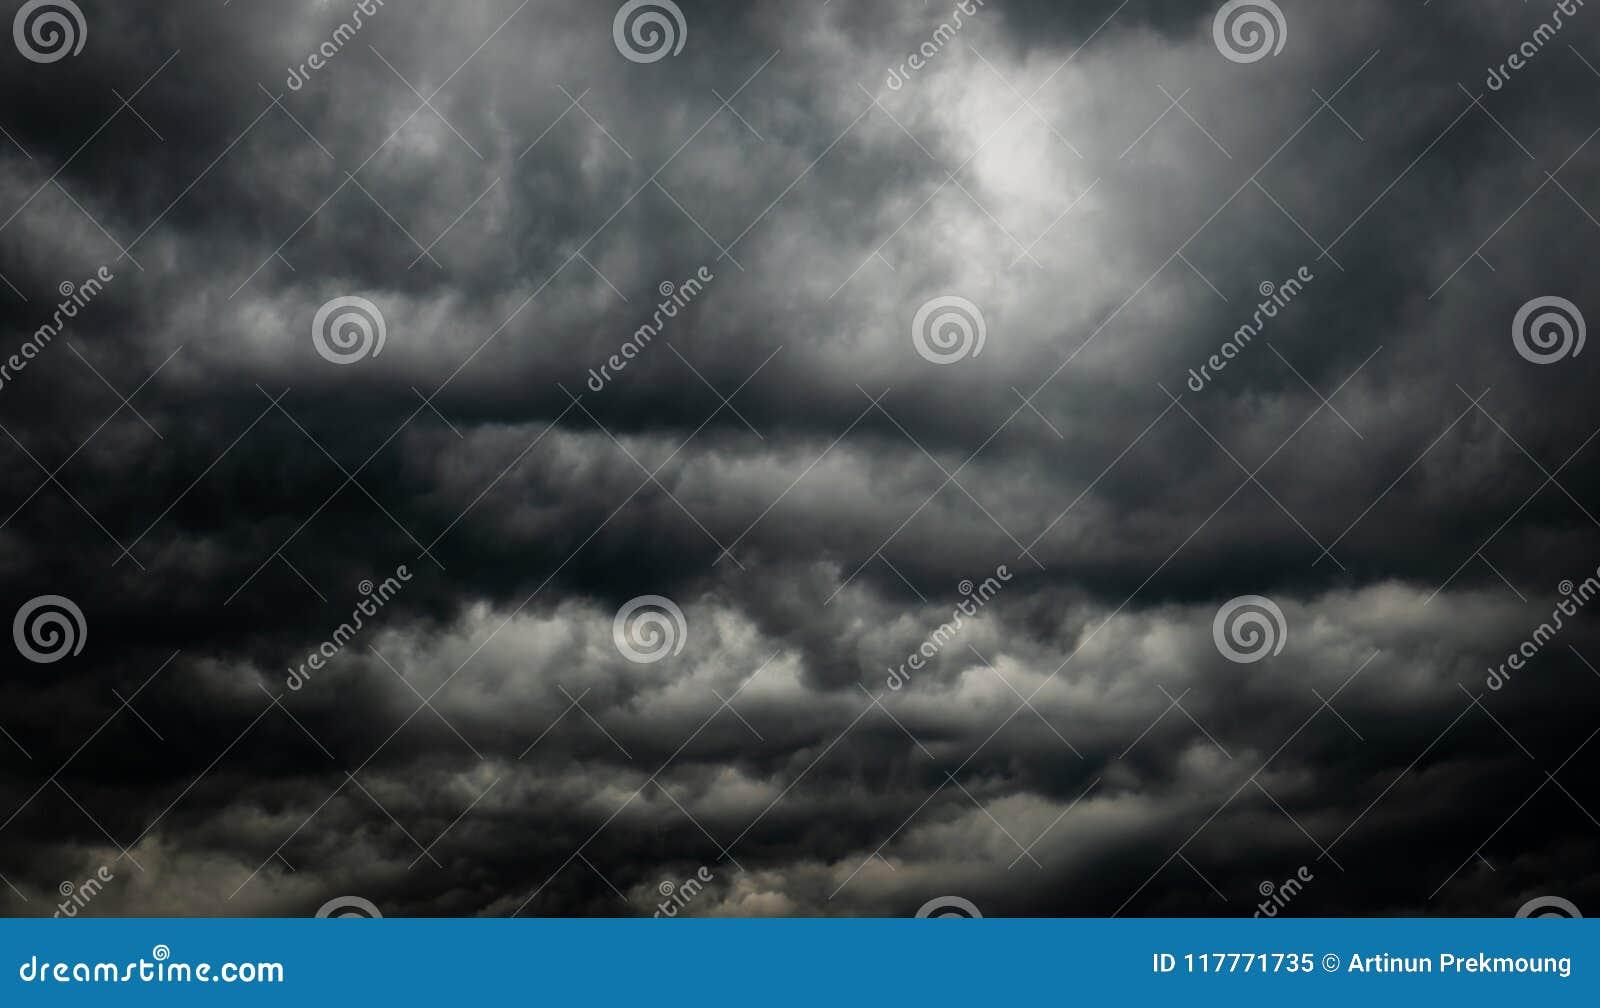 剧烈的黑暗的天空和云彩 背景多云天空 在雷暴和雨前的黑天空 死亡的背景,哀伤,追悼